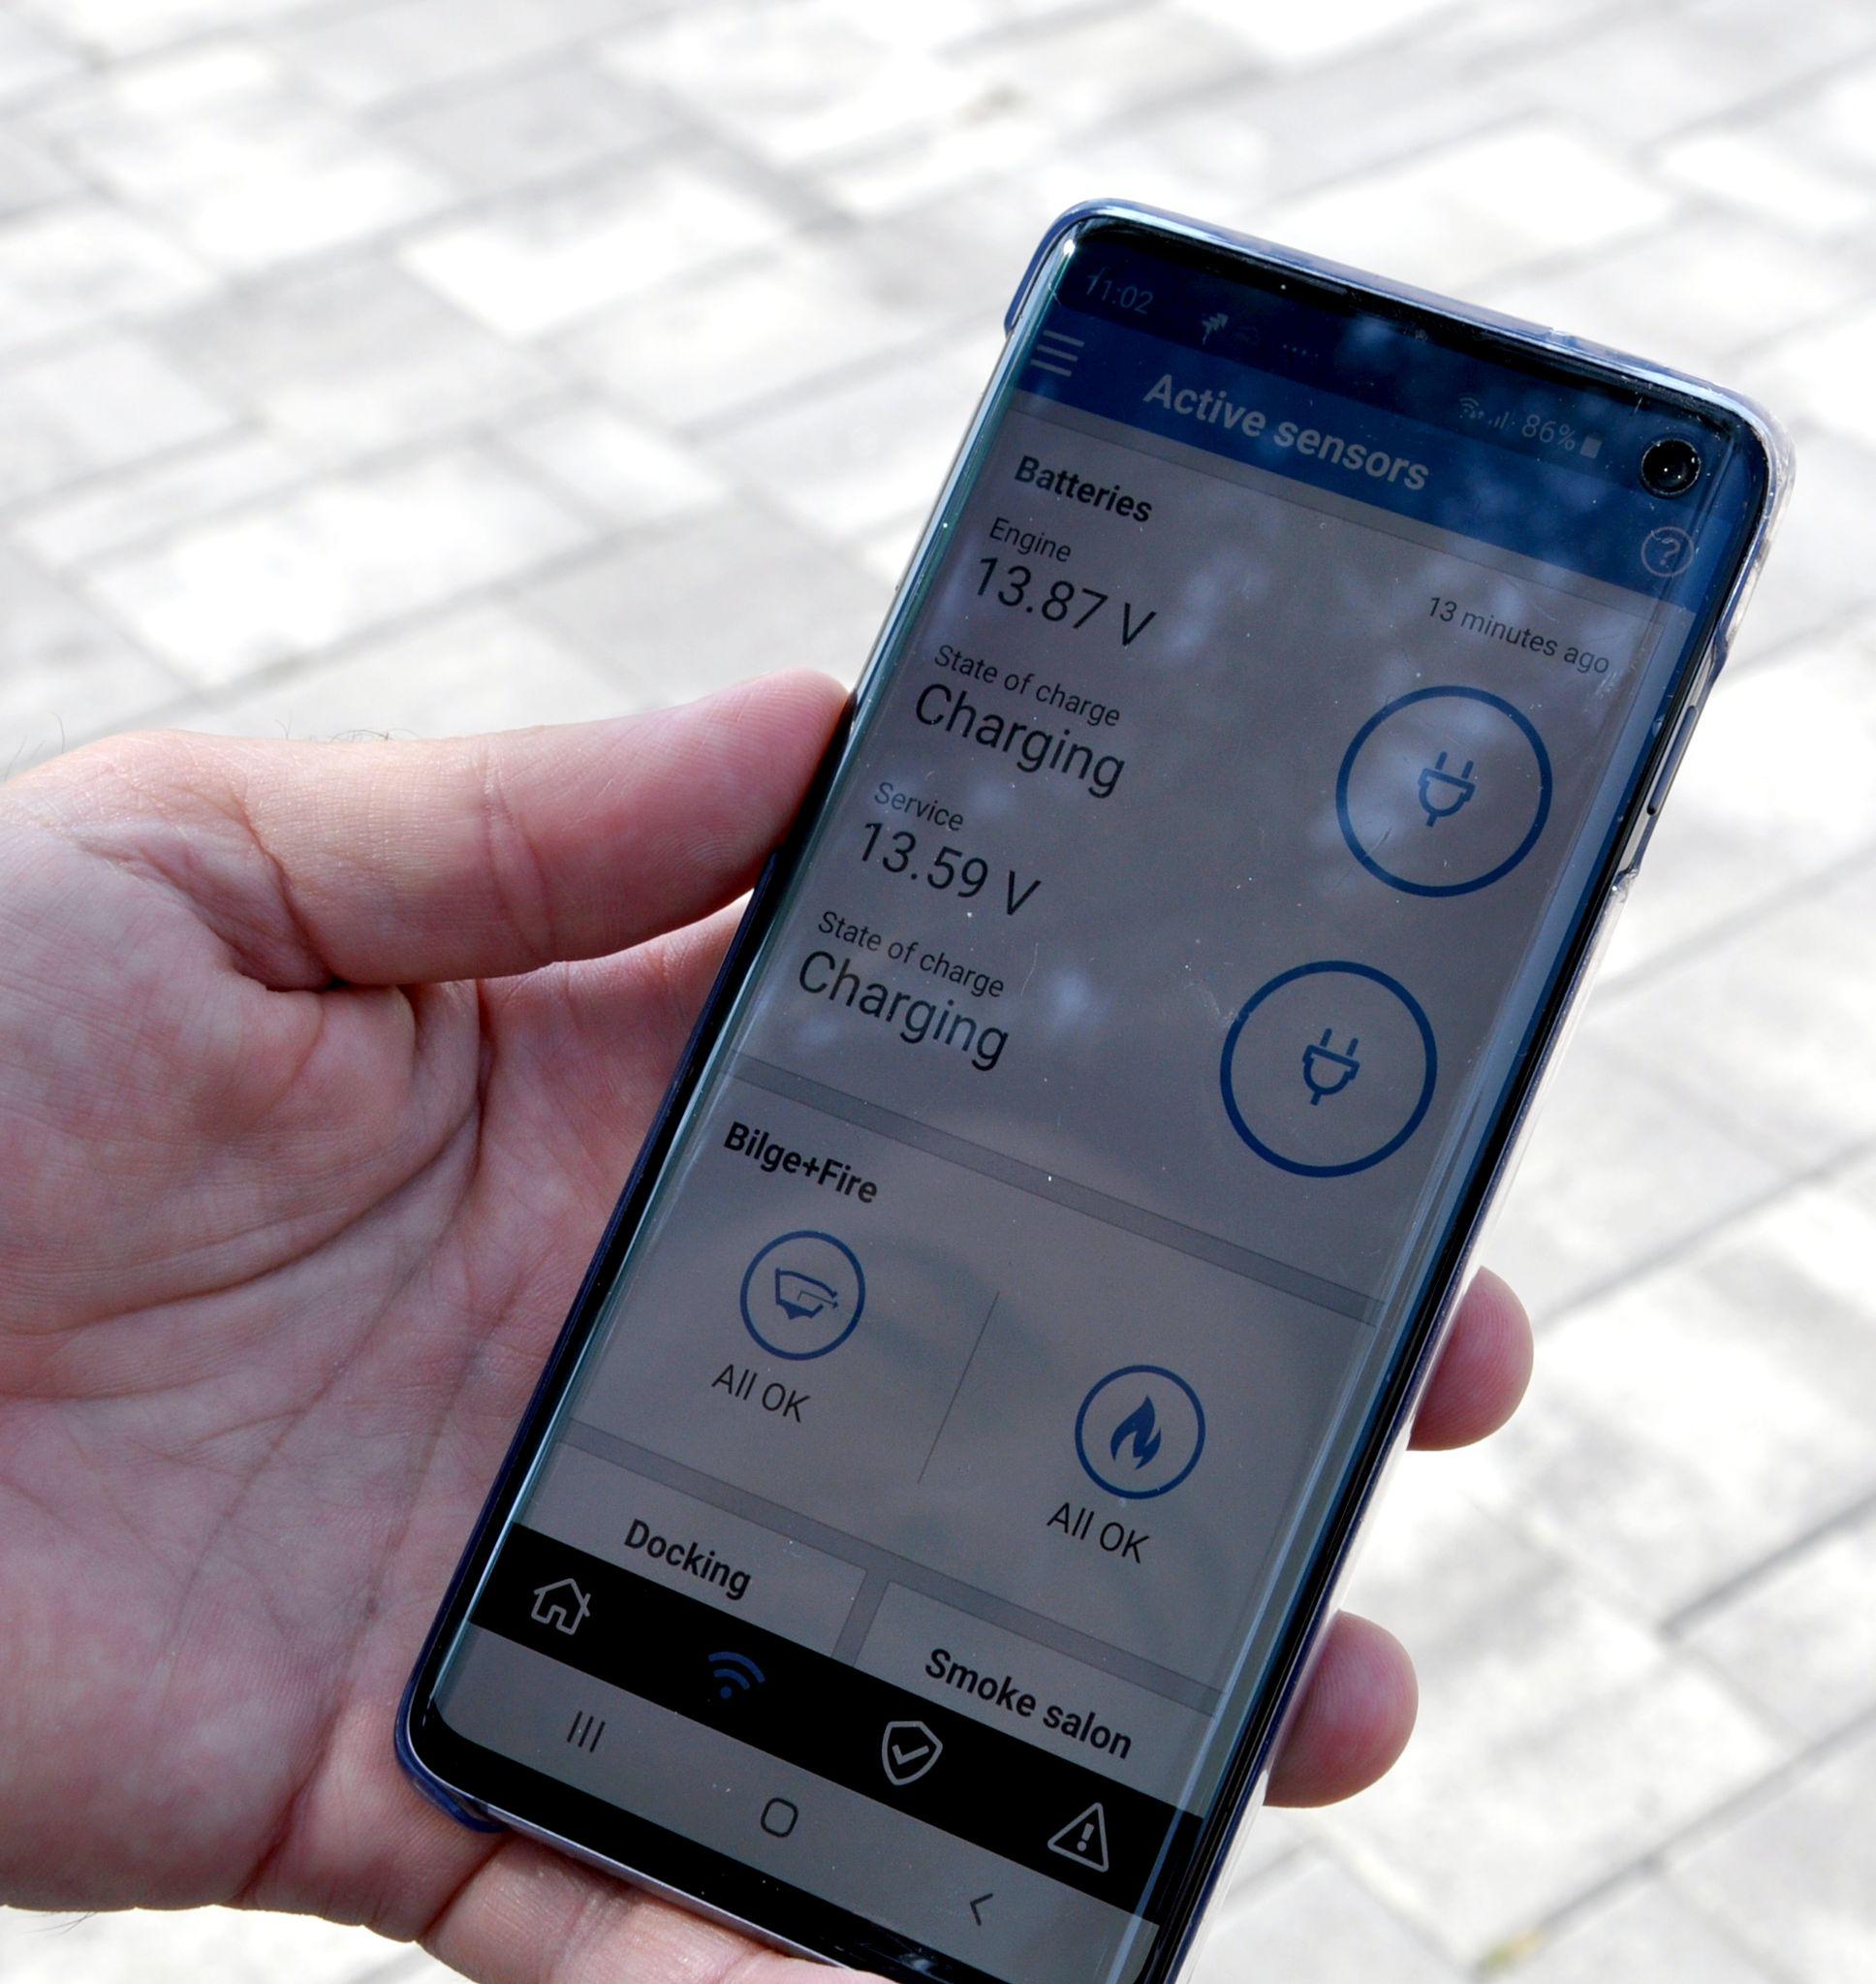 Marina Punat: Sve informacije senzora pokazuju se na mobilnim uređajima / Snimio Mladen TRINAJSTIĆ